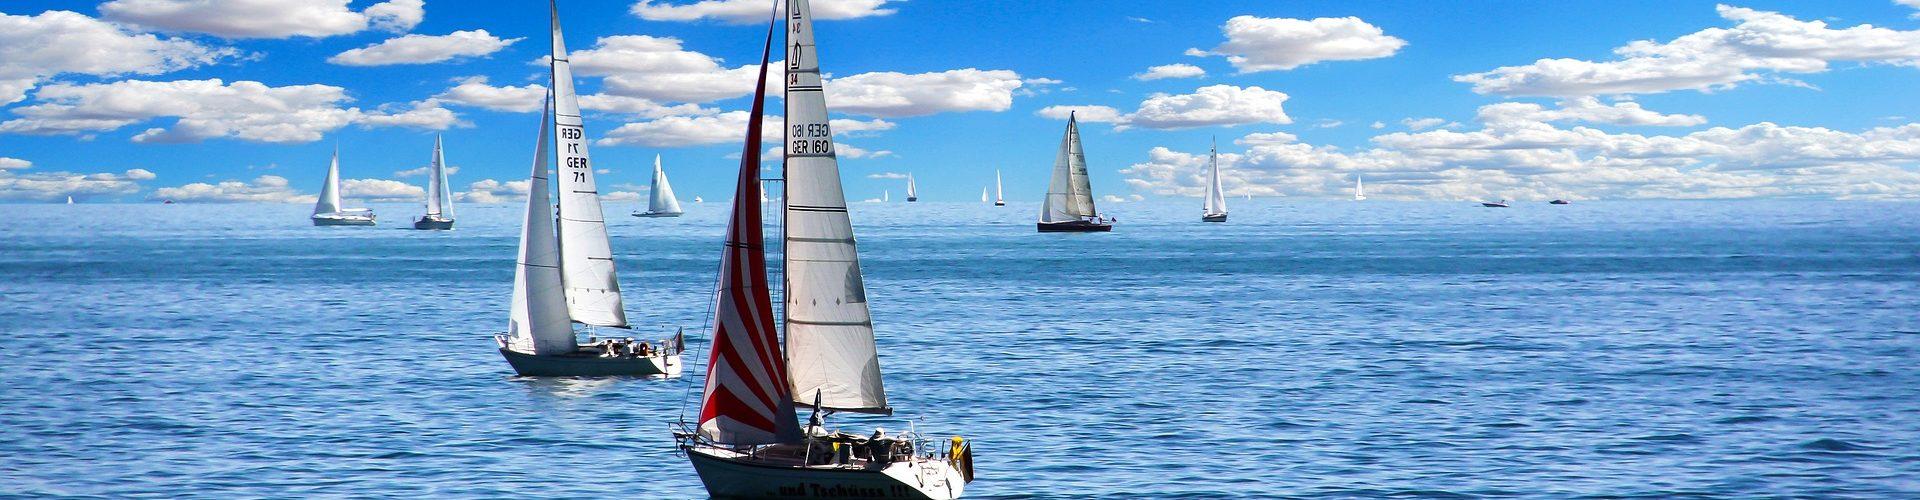 segeln lernen in Halle segelschein machen in Halle 1920x500 - Segeln lernen in Halle